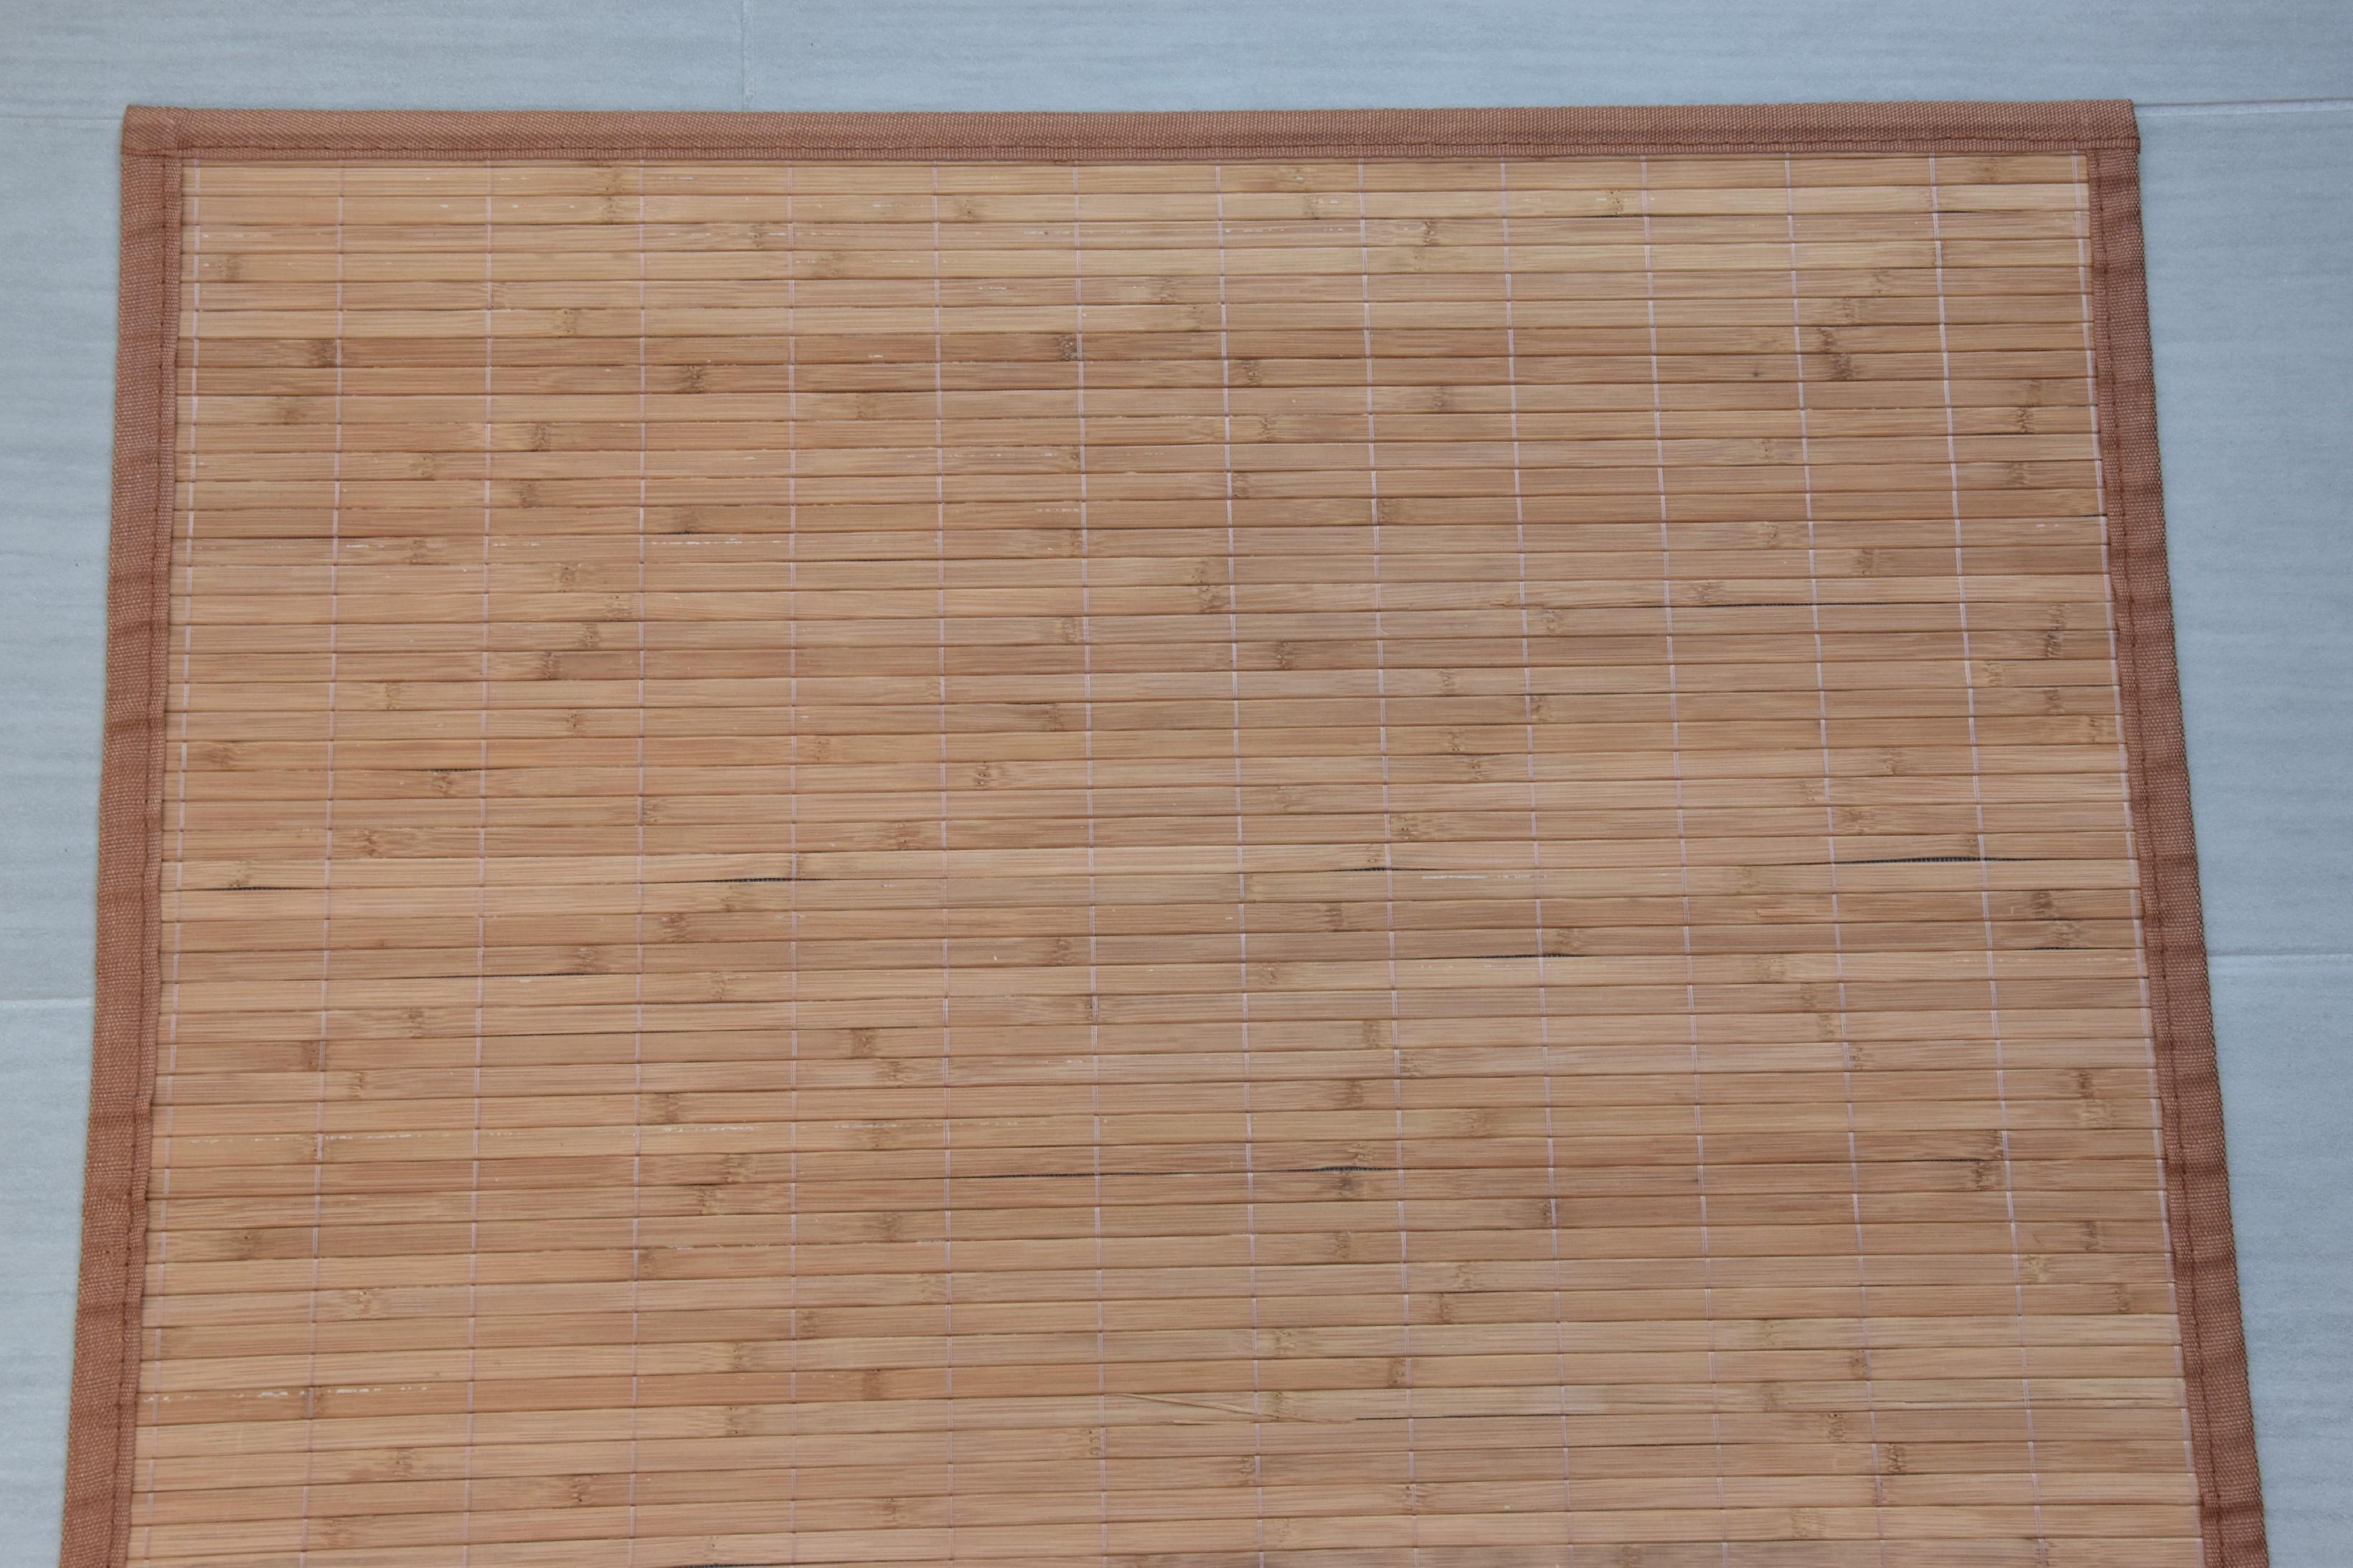 Rohož za postel hnědá Šířka rohože: 70 cm, Délka rohože: 200 cm